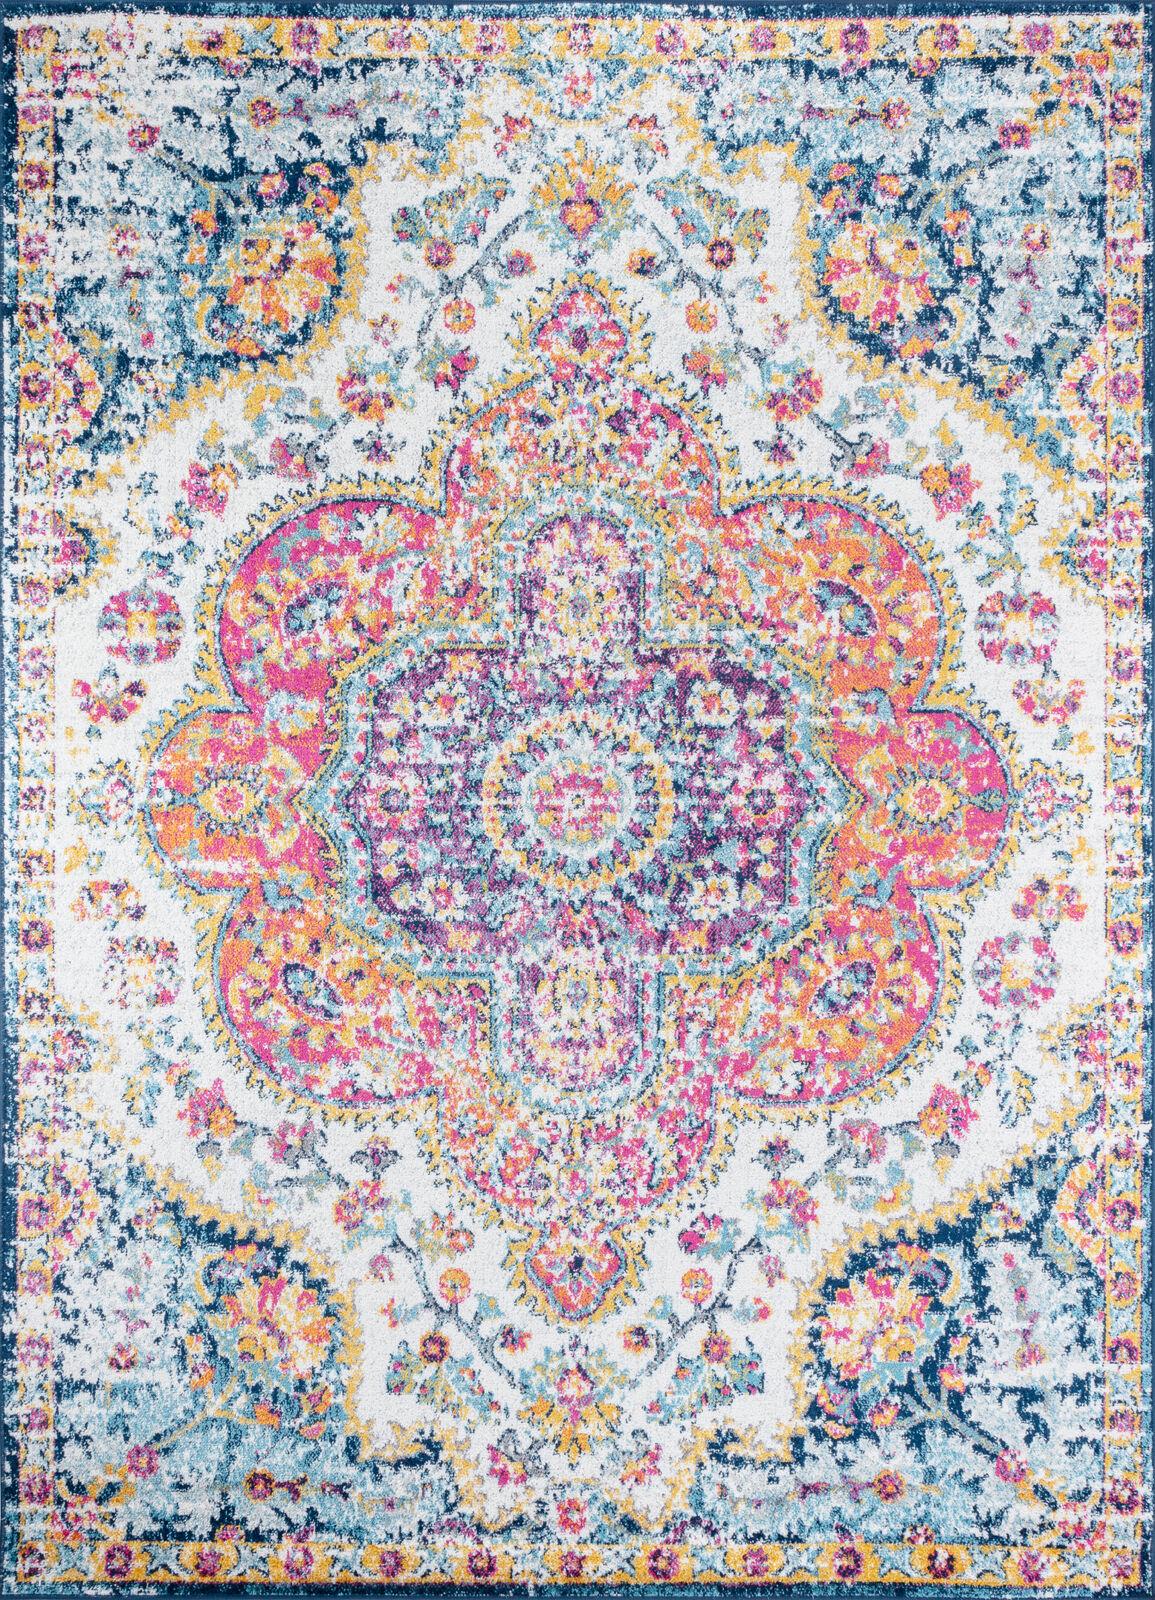 Surya Tapis de salon classique multicolore rose, safran et bleu 120x170